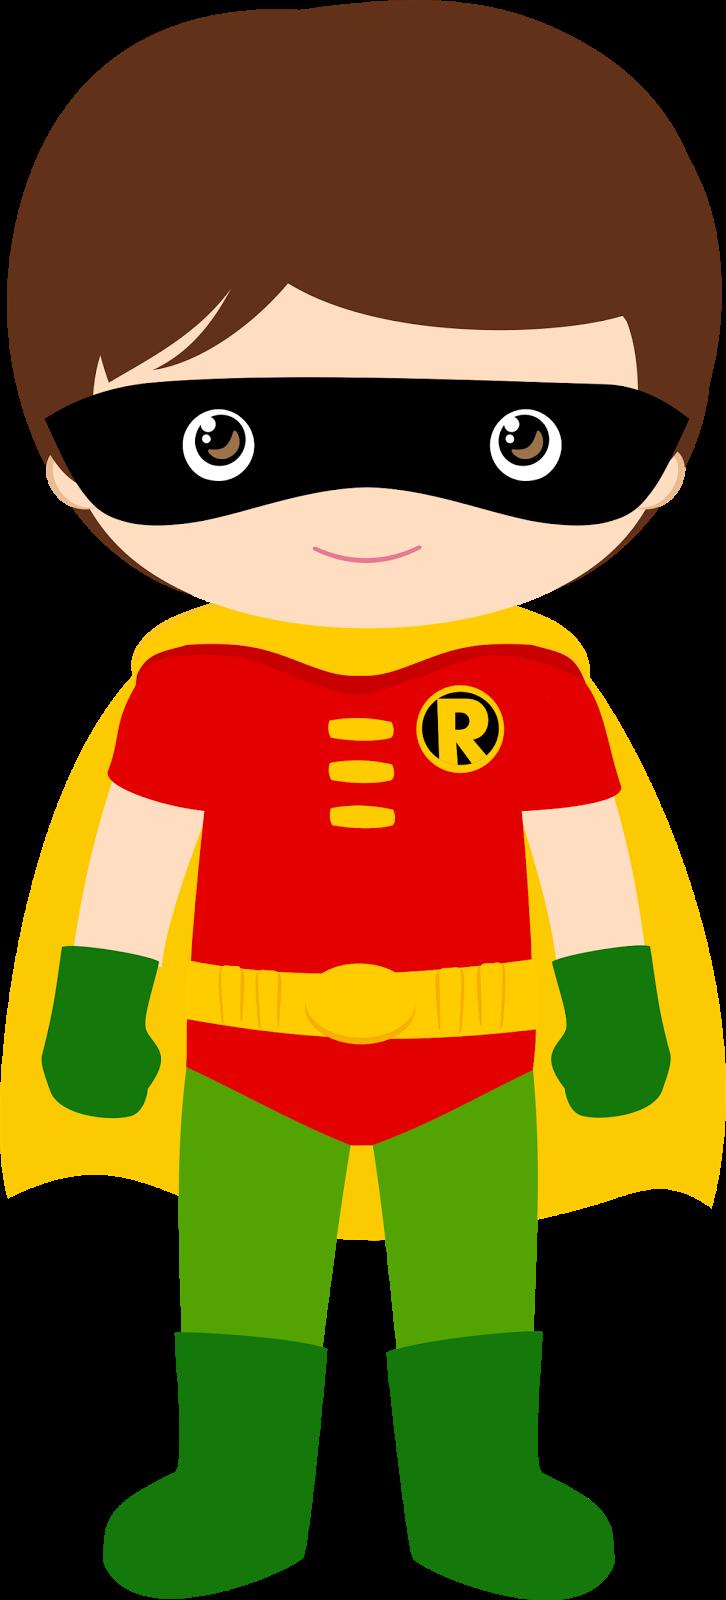 Star wars batman clipart clip art download i17tfjggb7pWF.png 726×1,600 píxeles | Batman | Pinterest | Batman ... clip art download